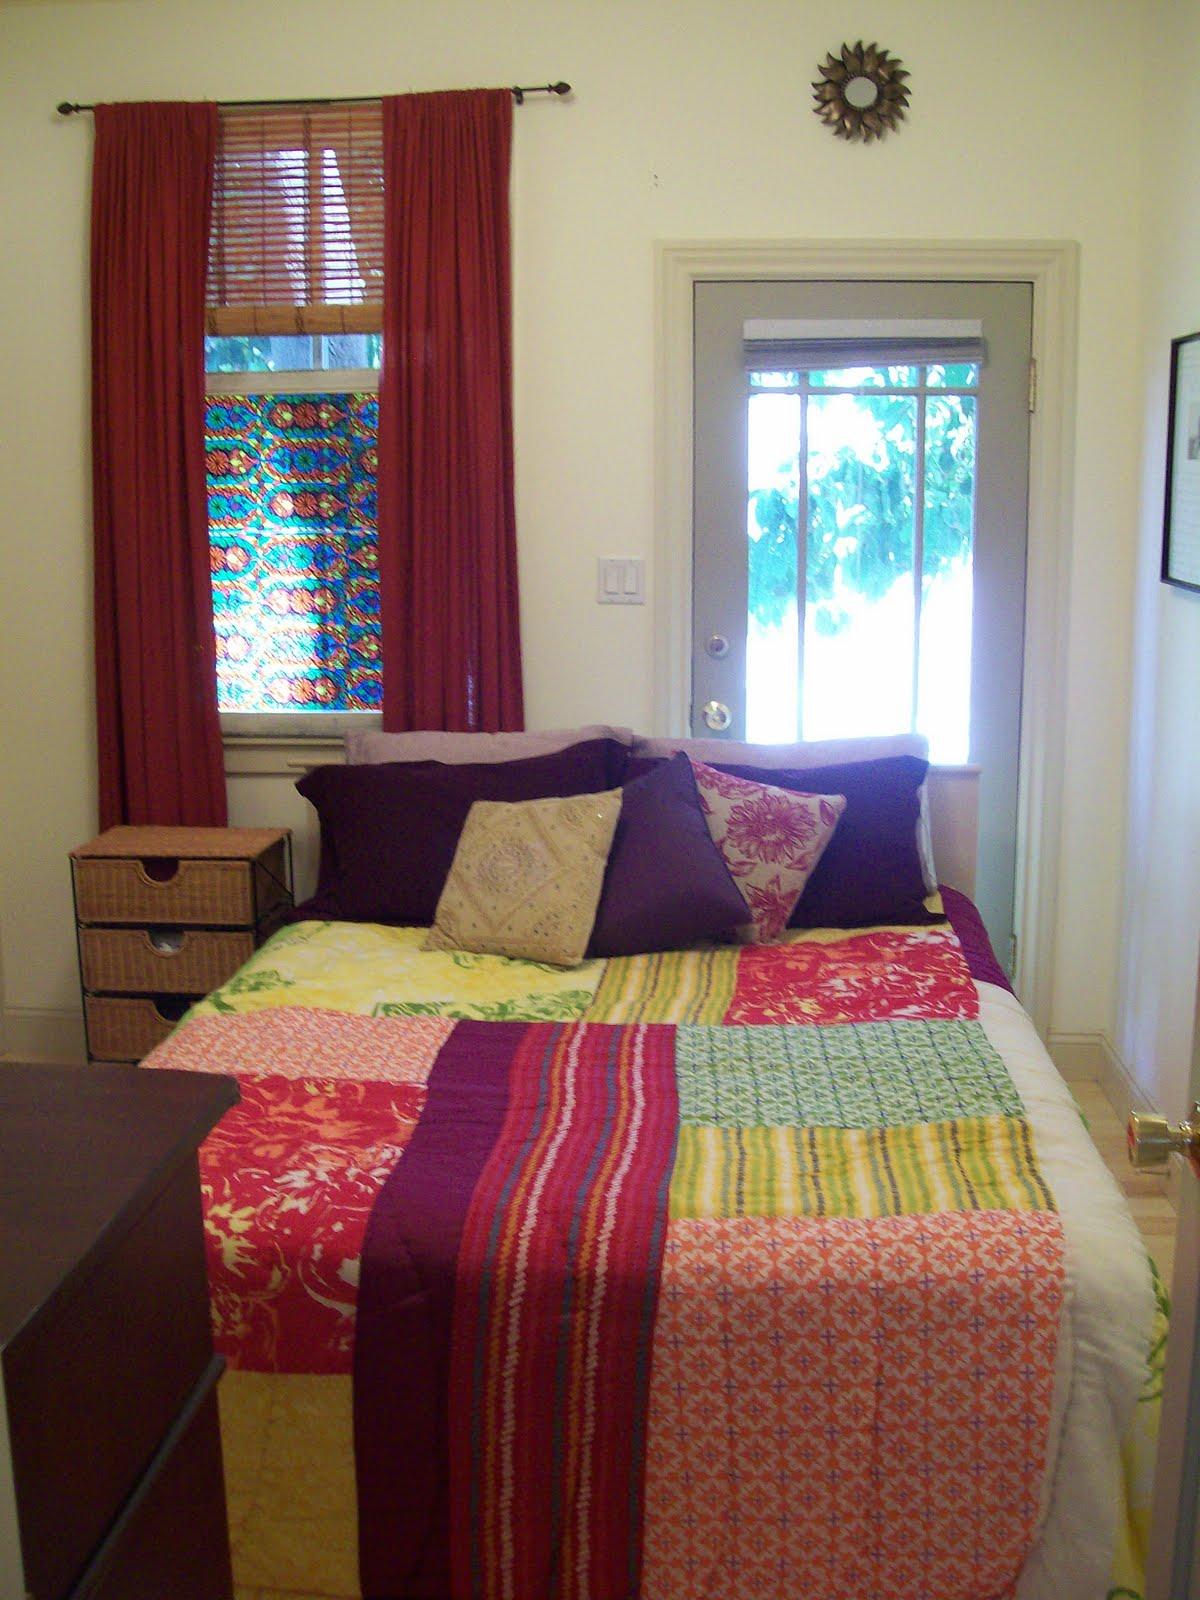 Bedroom Set Arrangement